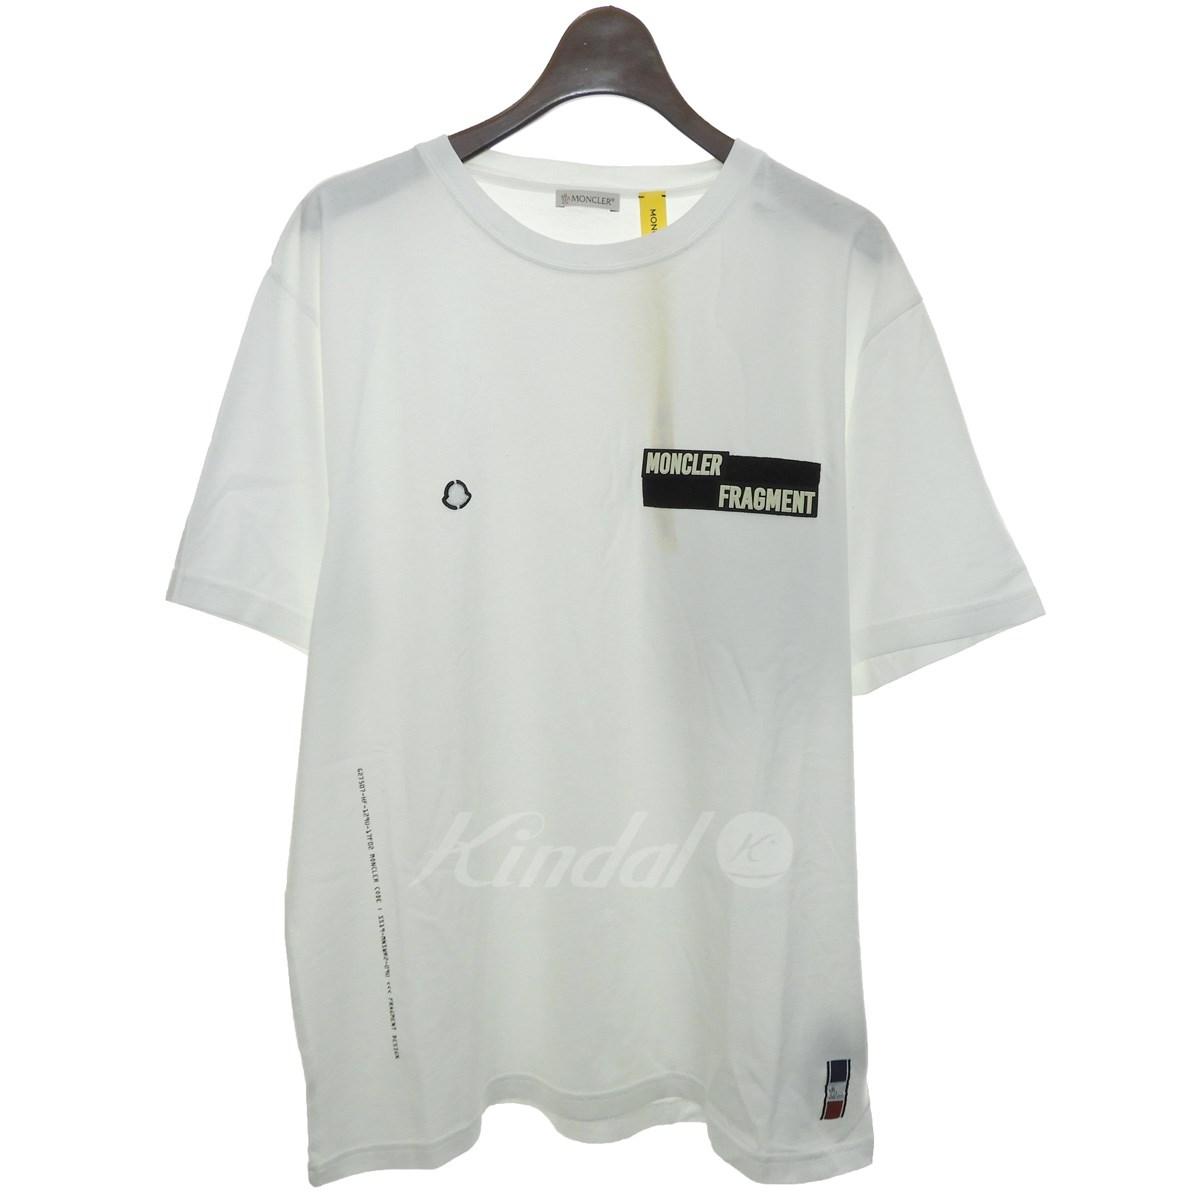 【中古】MONCLER × FRAGMENT 19SS「Velcro Logo Patch Tee」ベルクロロゴパッチTシャツ ホワイト サイズ:L 【送料無料】 【140419】(モンクレール × フラグメント)